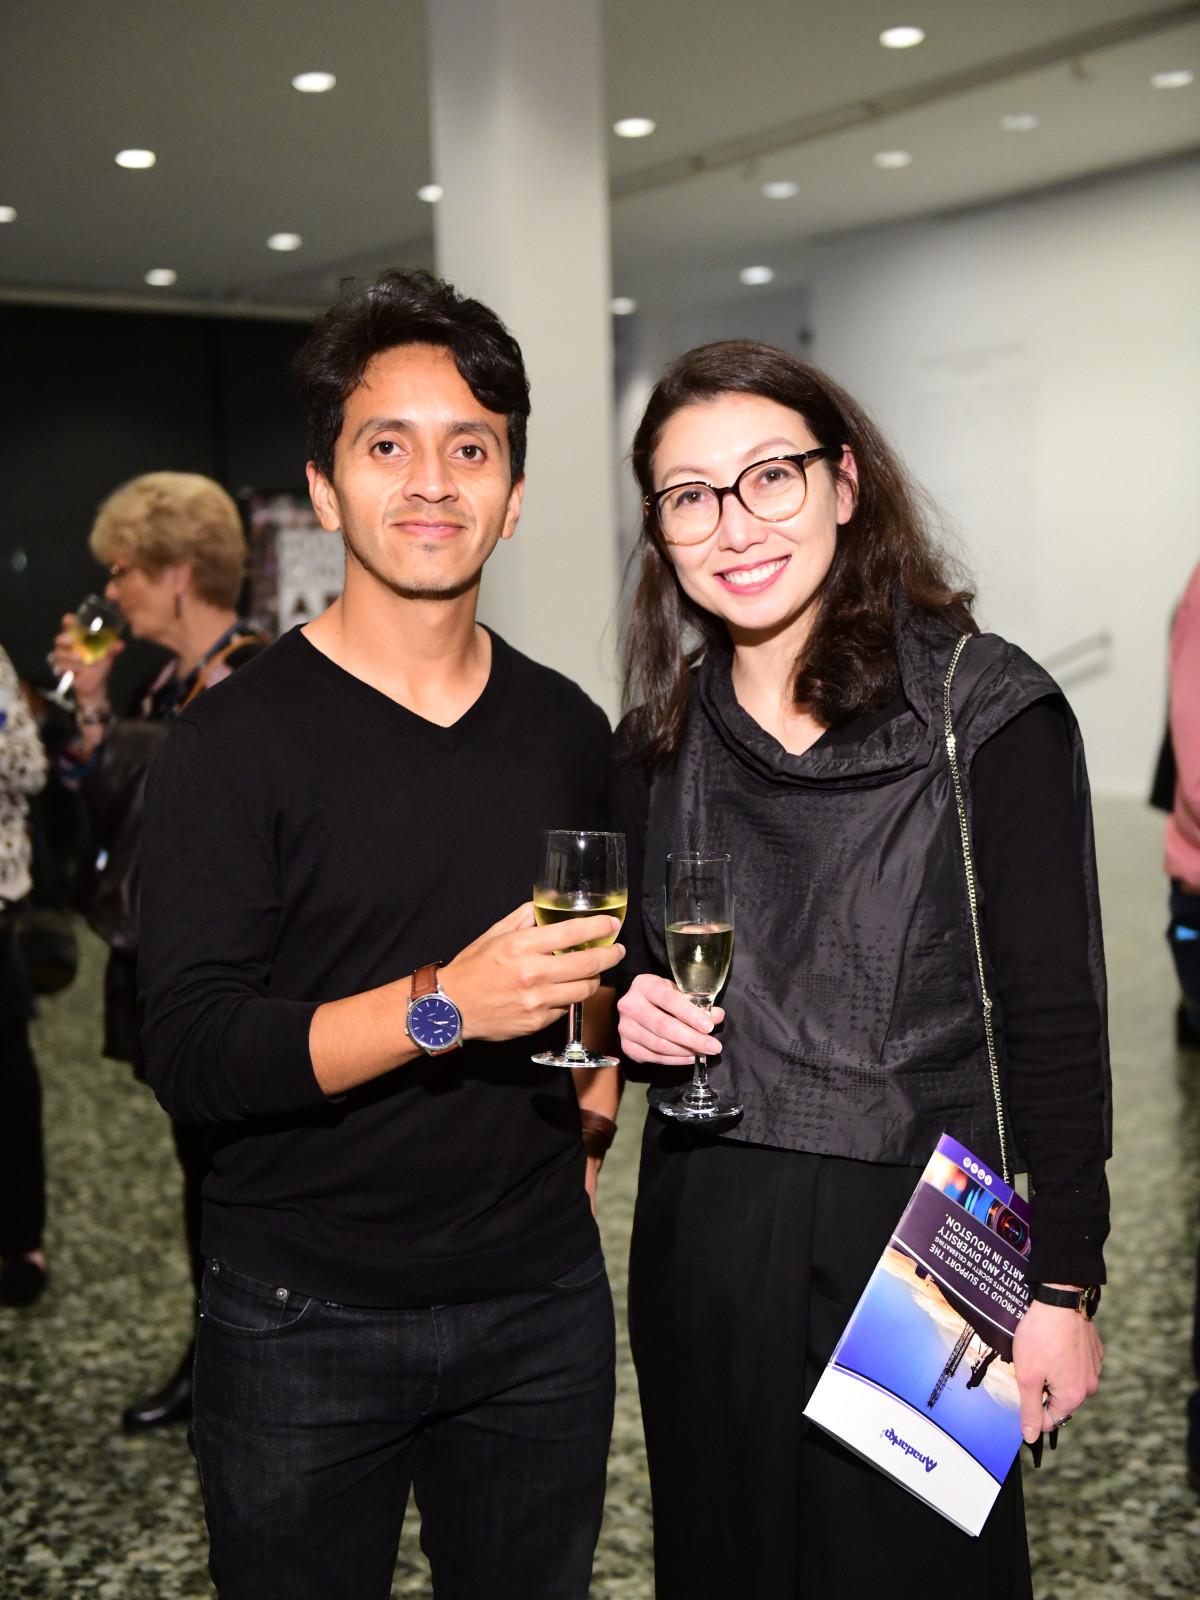 HCAF 2018 Opening Night:Byron Solarte, Aliya Urazimanova